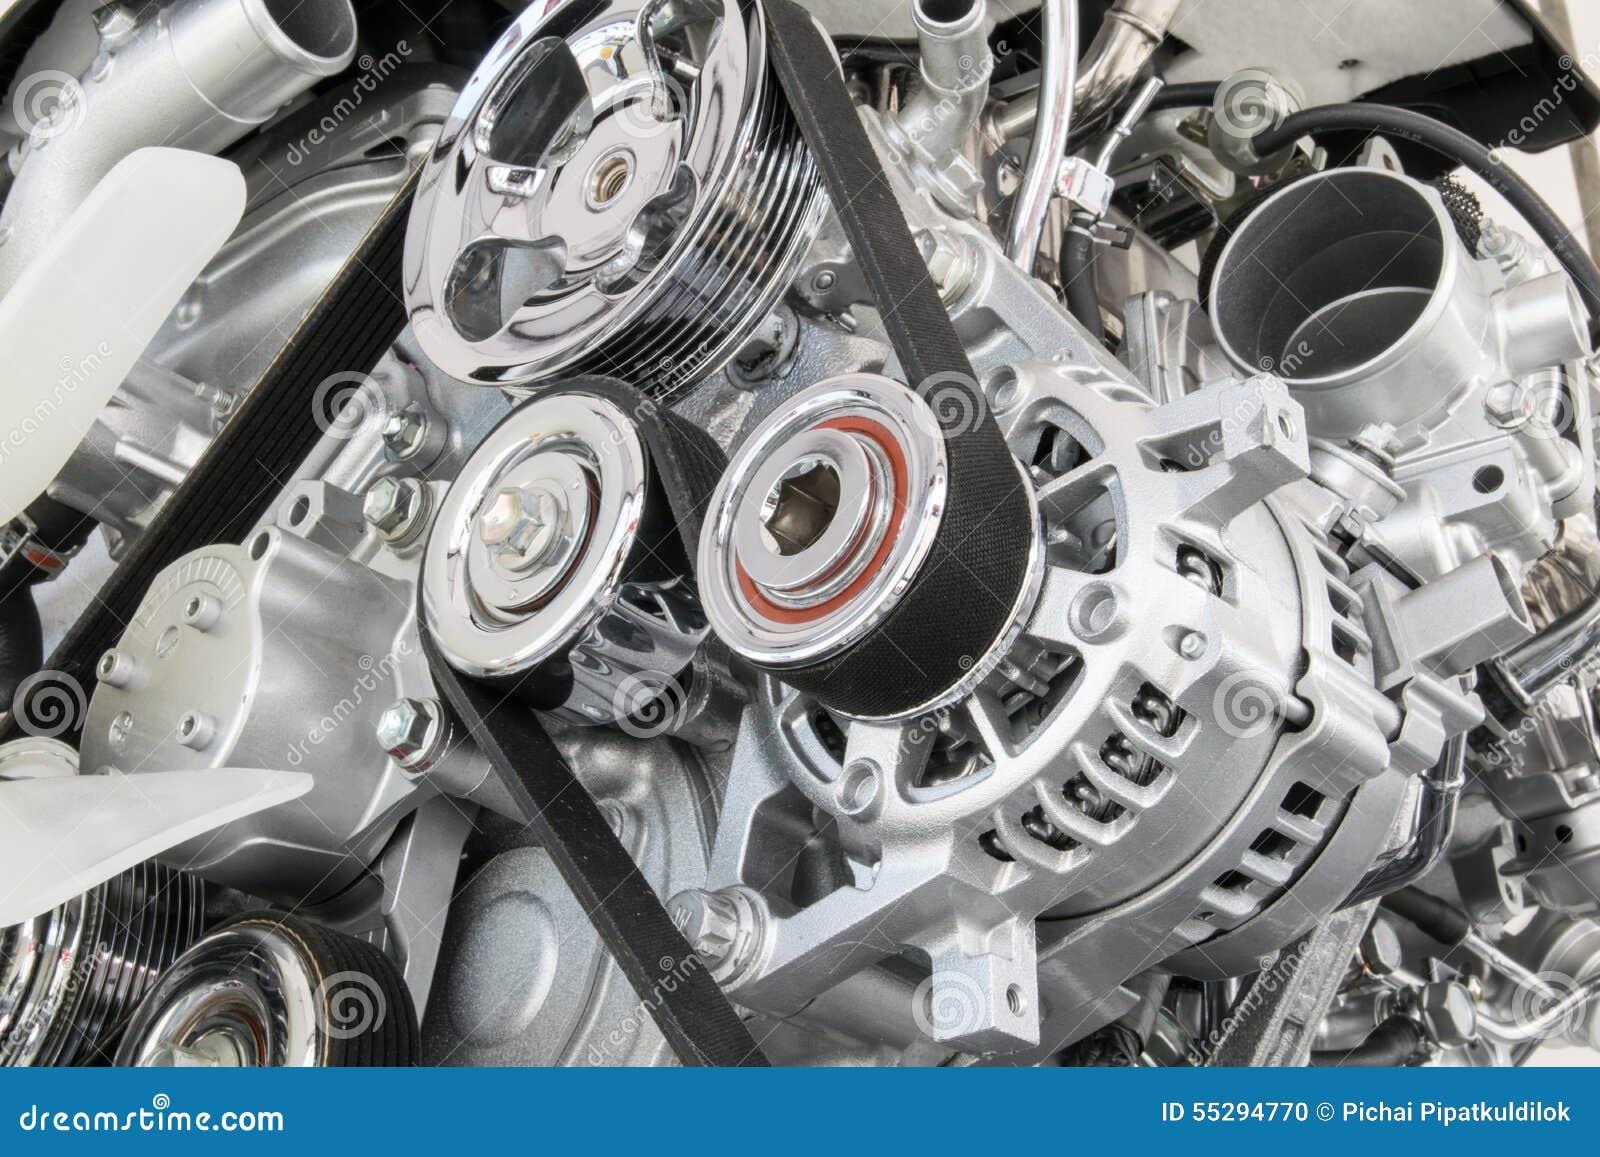 Nett Teil Des Automotors Fotos - Die Besten Elektrischen Schaltplan ...